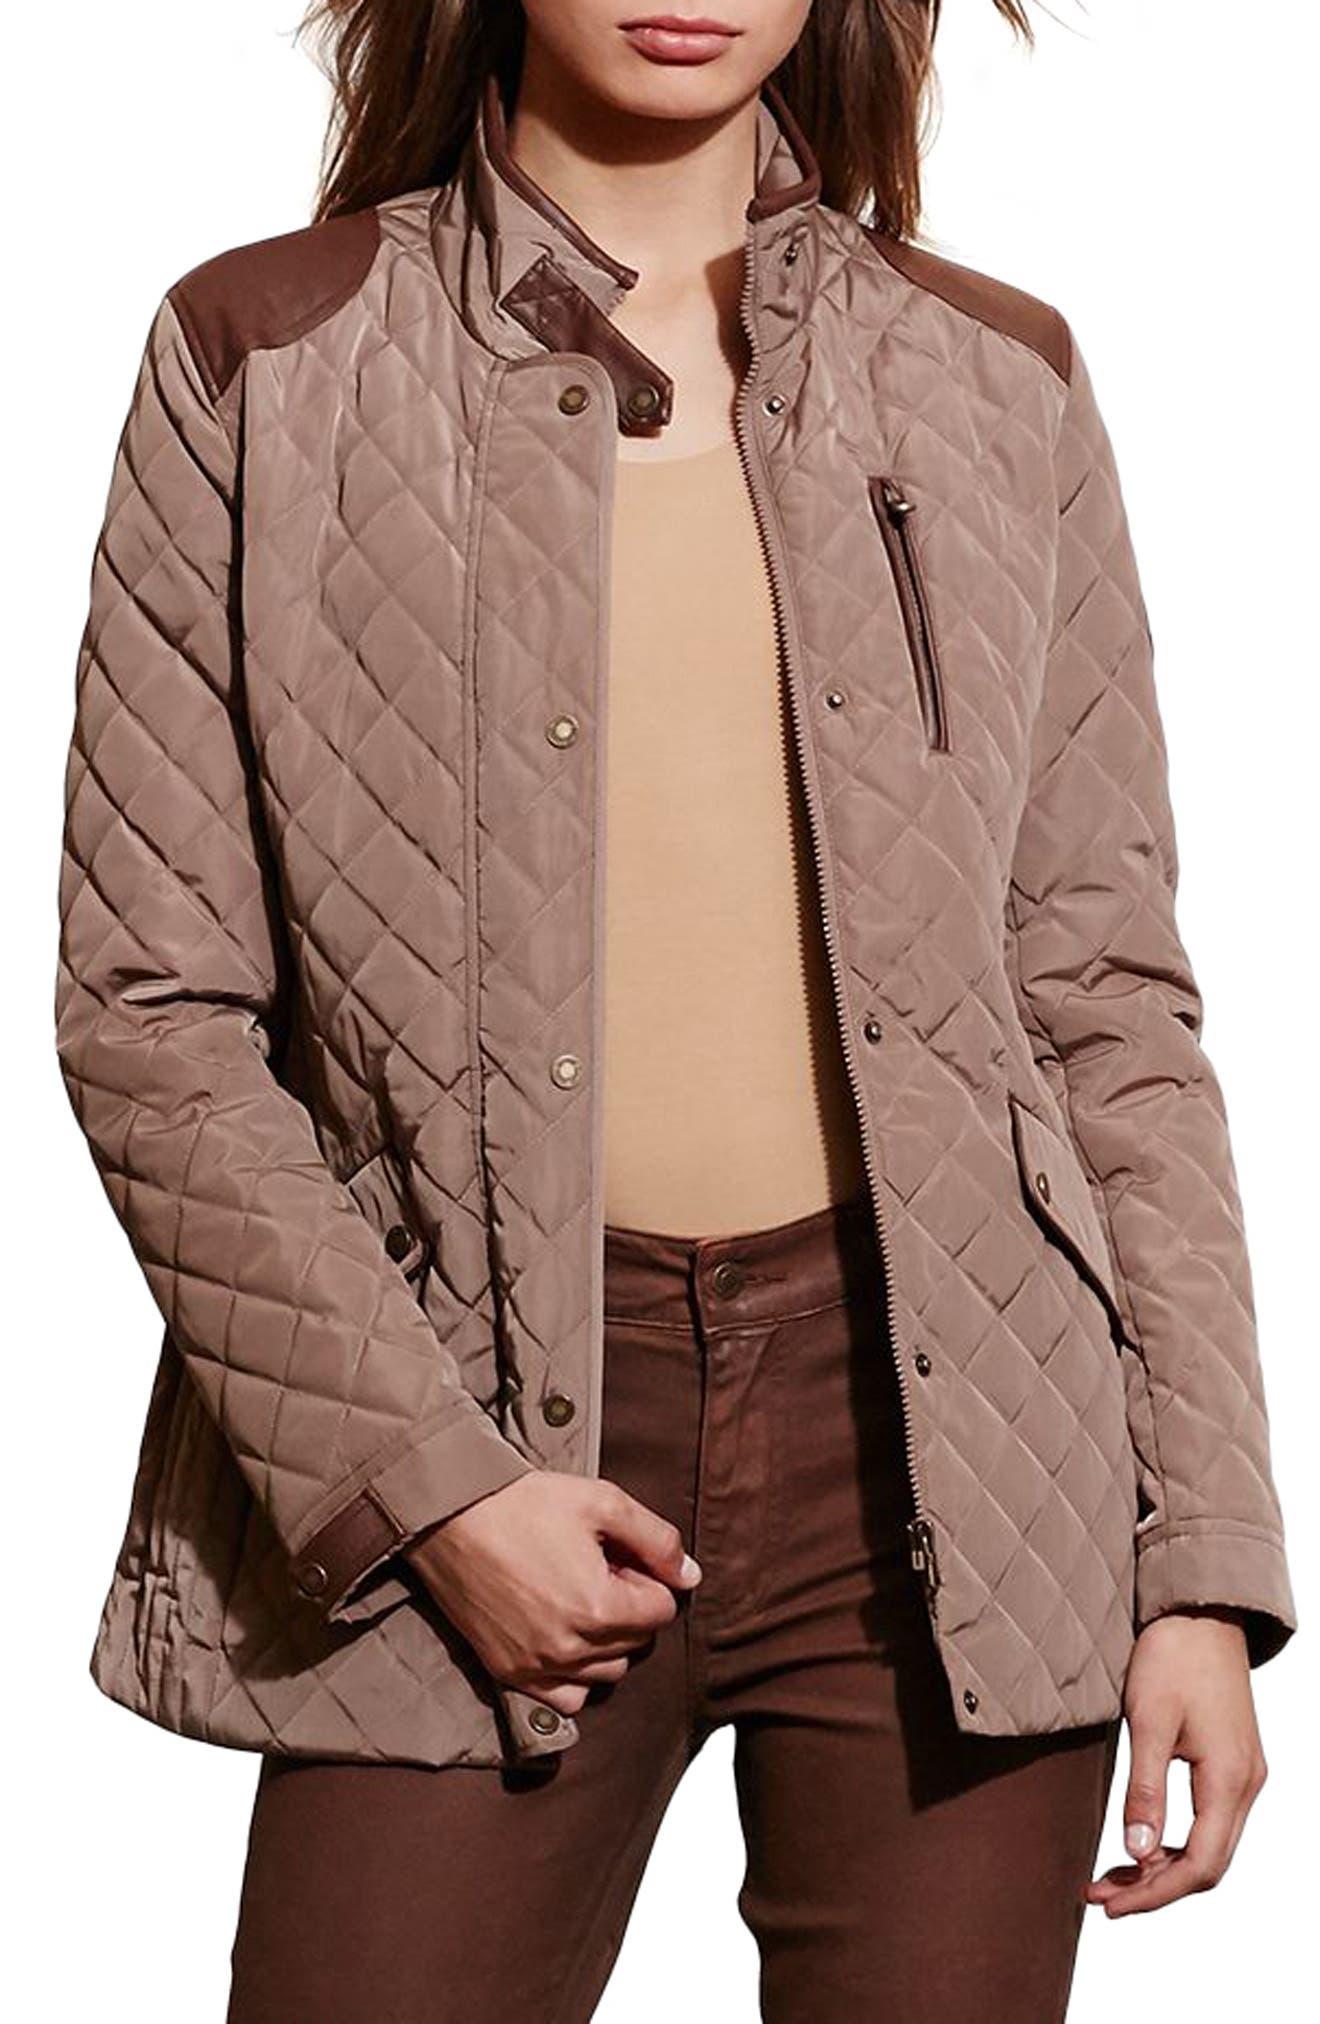 LAUREN RALPH LAUREN,                             Diamond Quilted Jacket with Faux Leather Trim,                             Main thumbnail 1, color,                             246